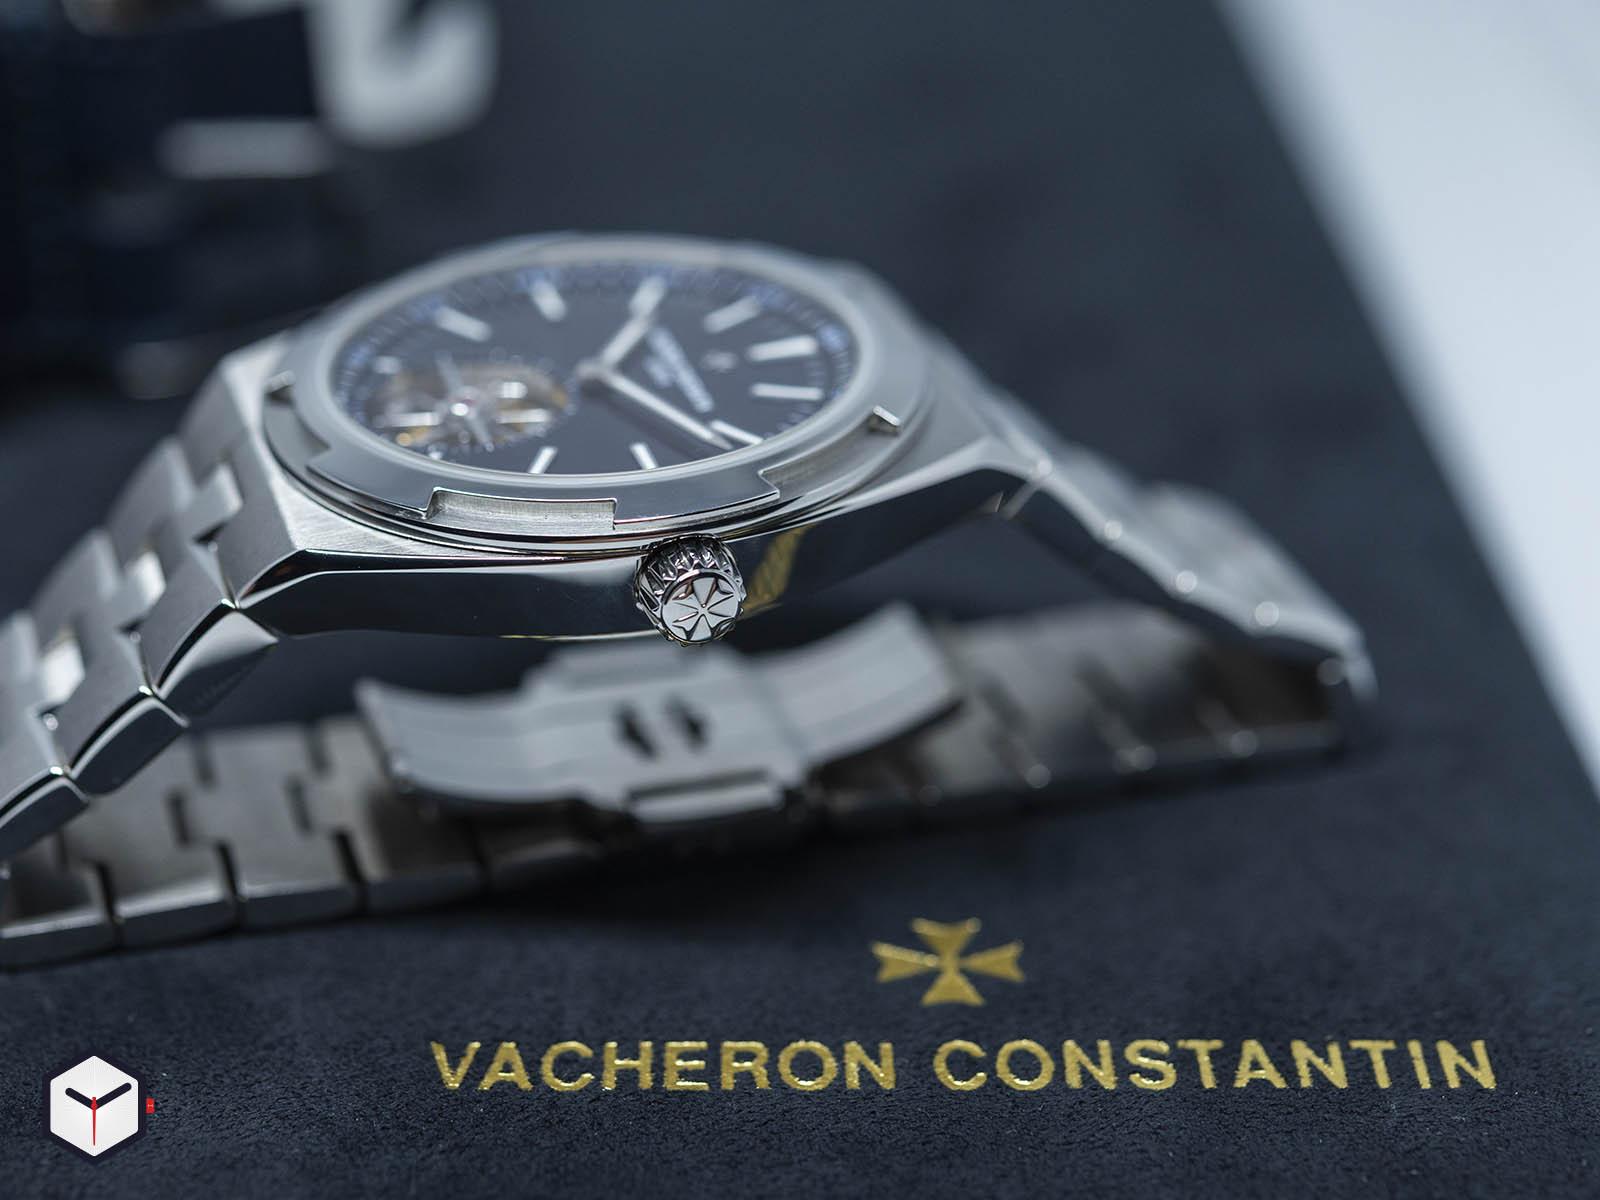 6000v-110a-b544-vacheron-constantin-overseas-tourbillon-sihh-2019-4.jpg